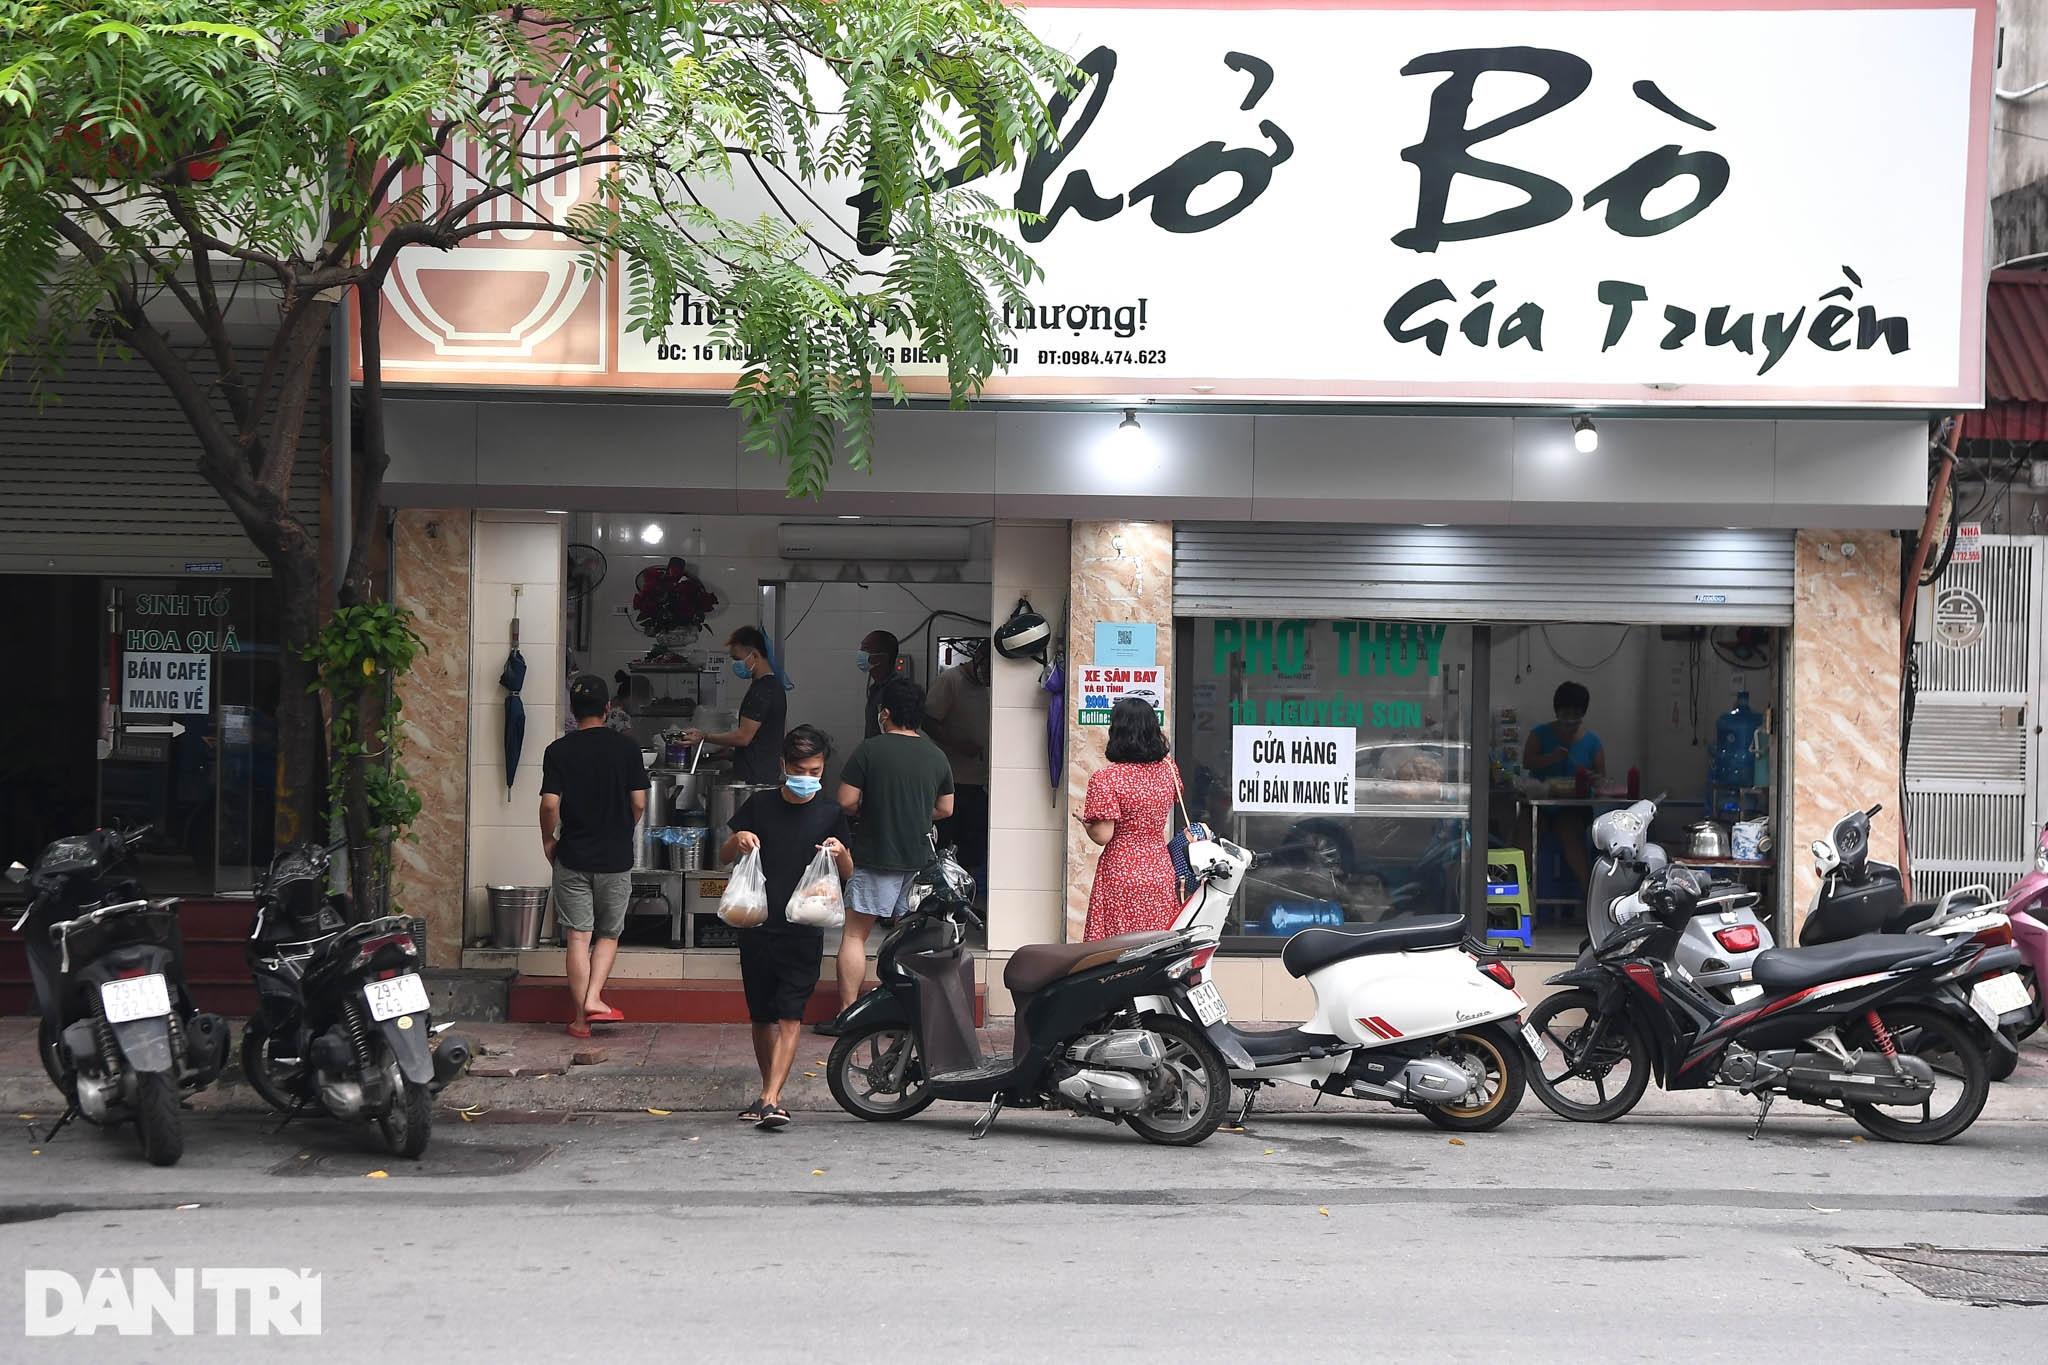 Người dân Hà Nội xách cặp lồng xếp hàng mua phở ở vùng xanh - 4